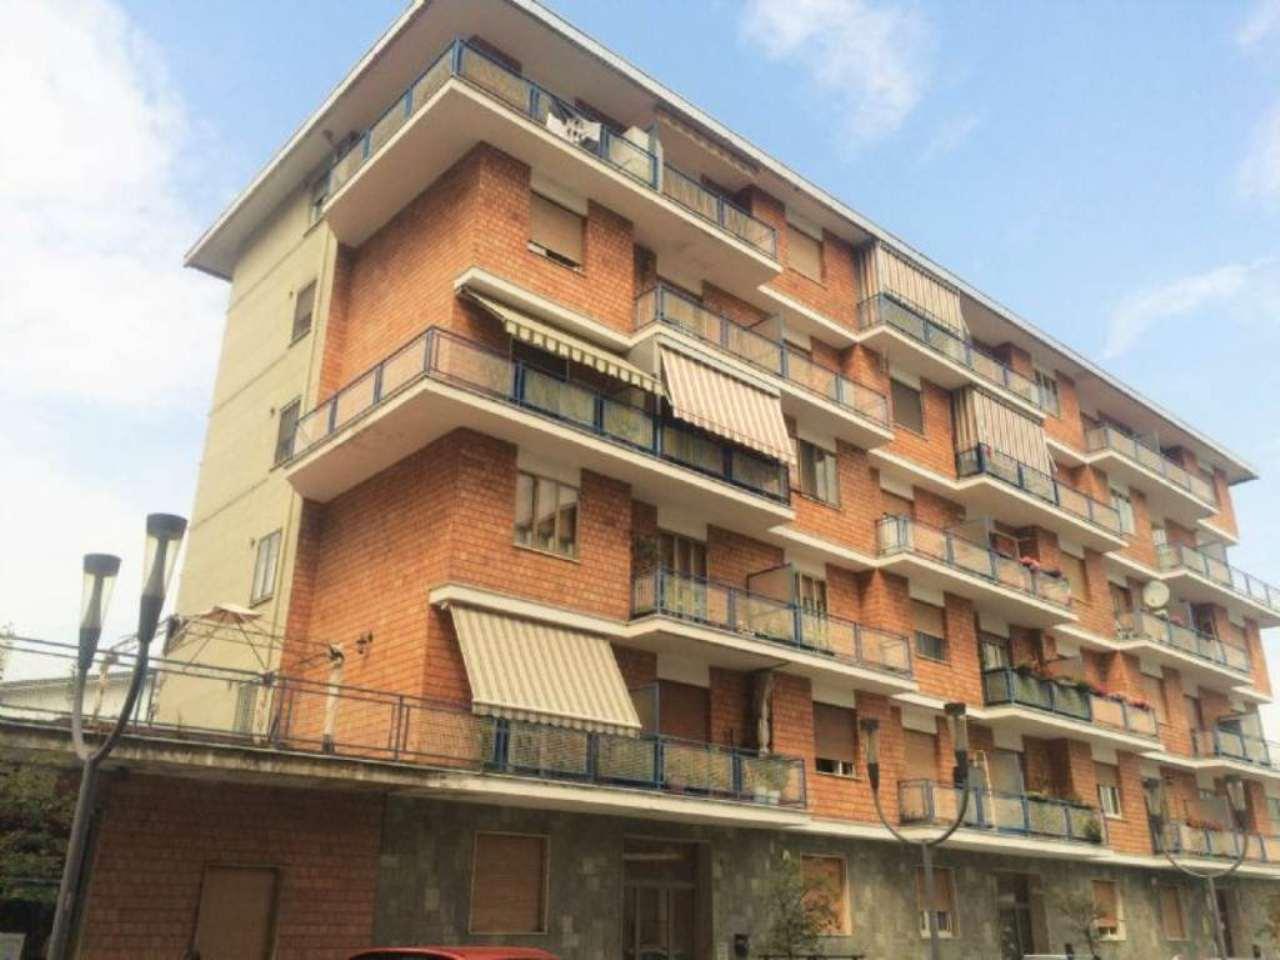 Appartamento in vendita a Beinasco, 3 locali, prezzo € 119.000 | Cambio Casa.it